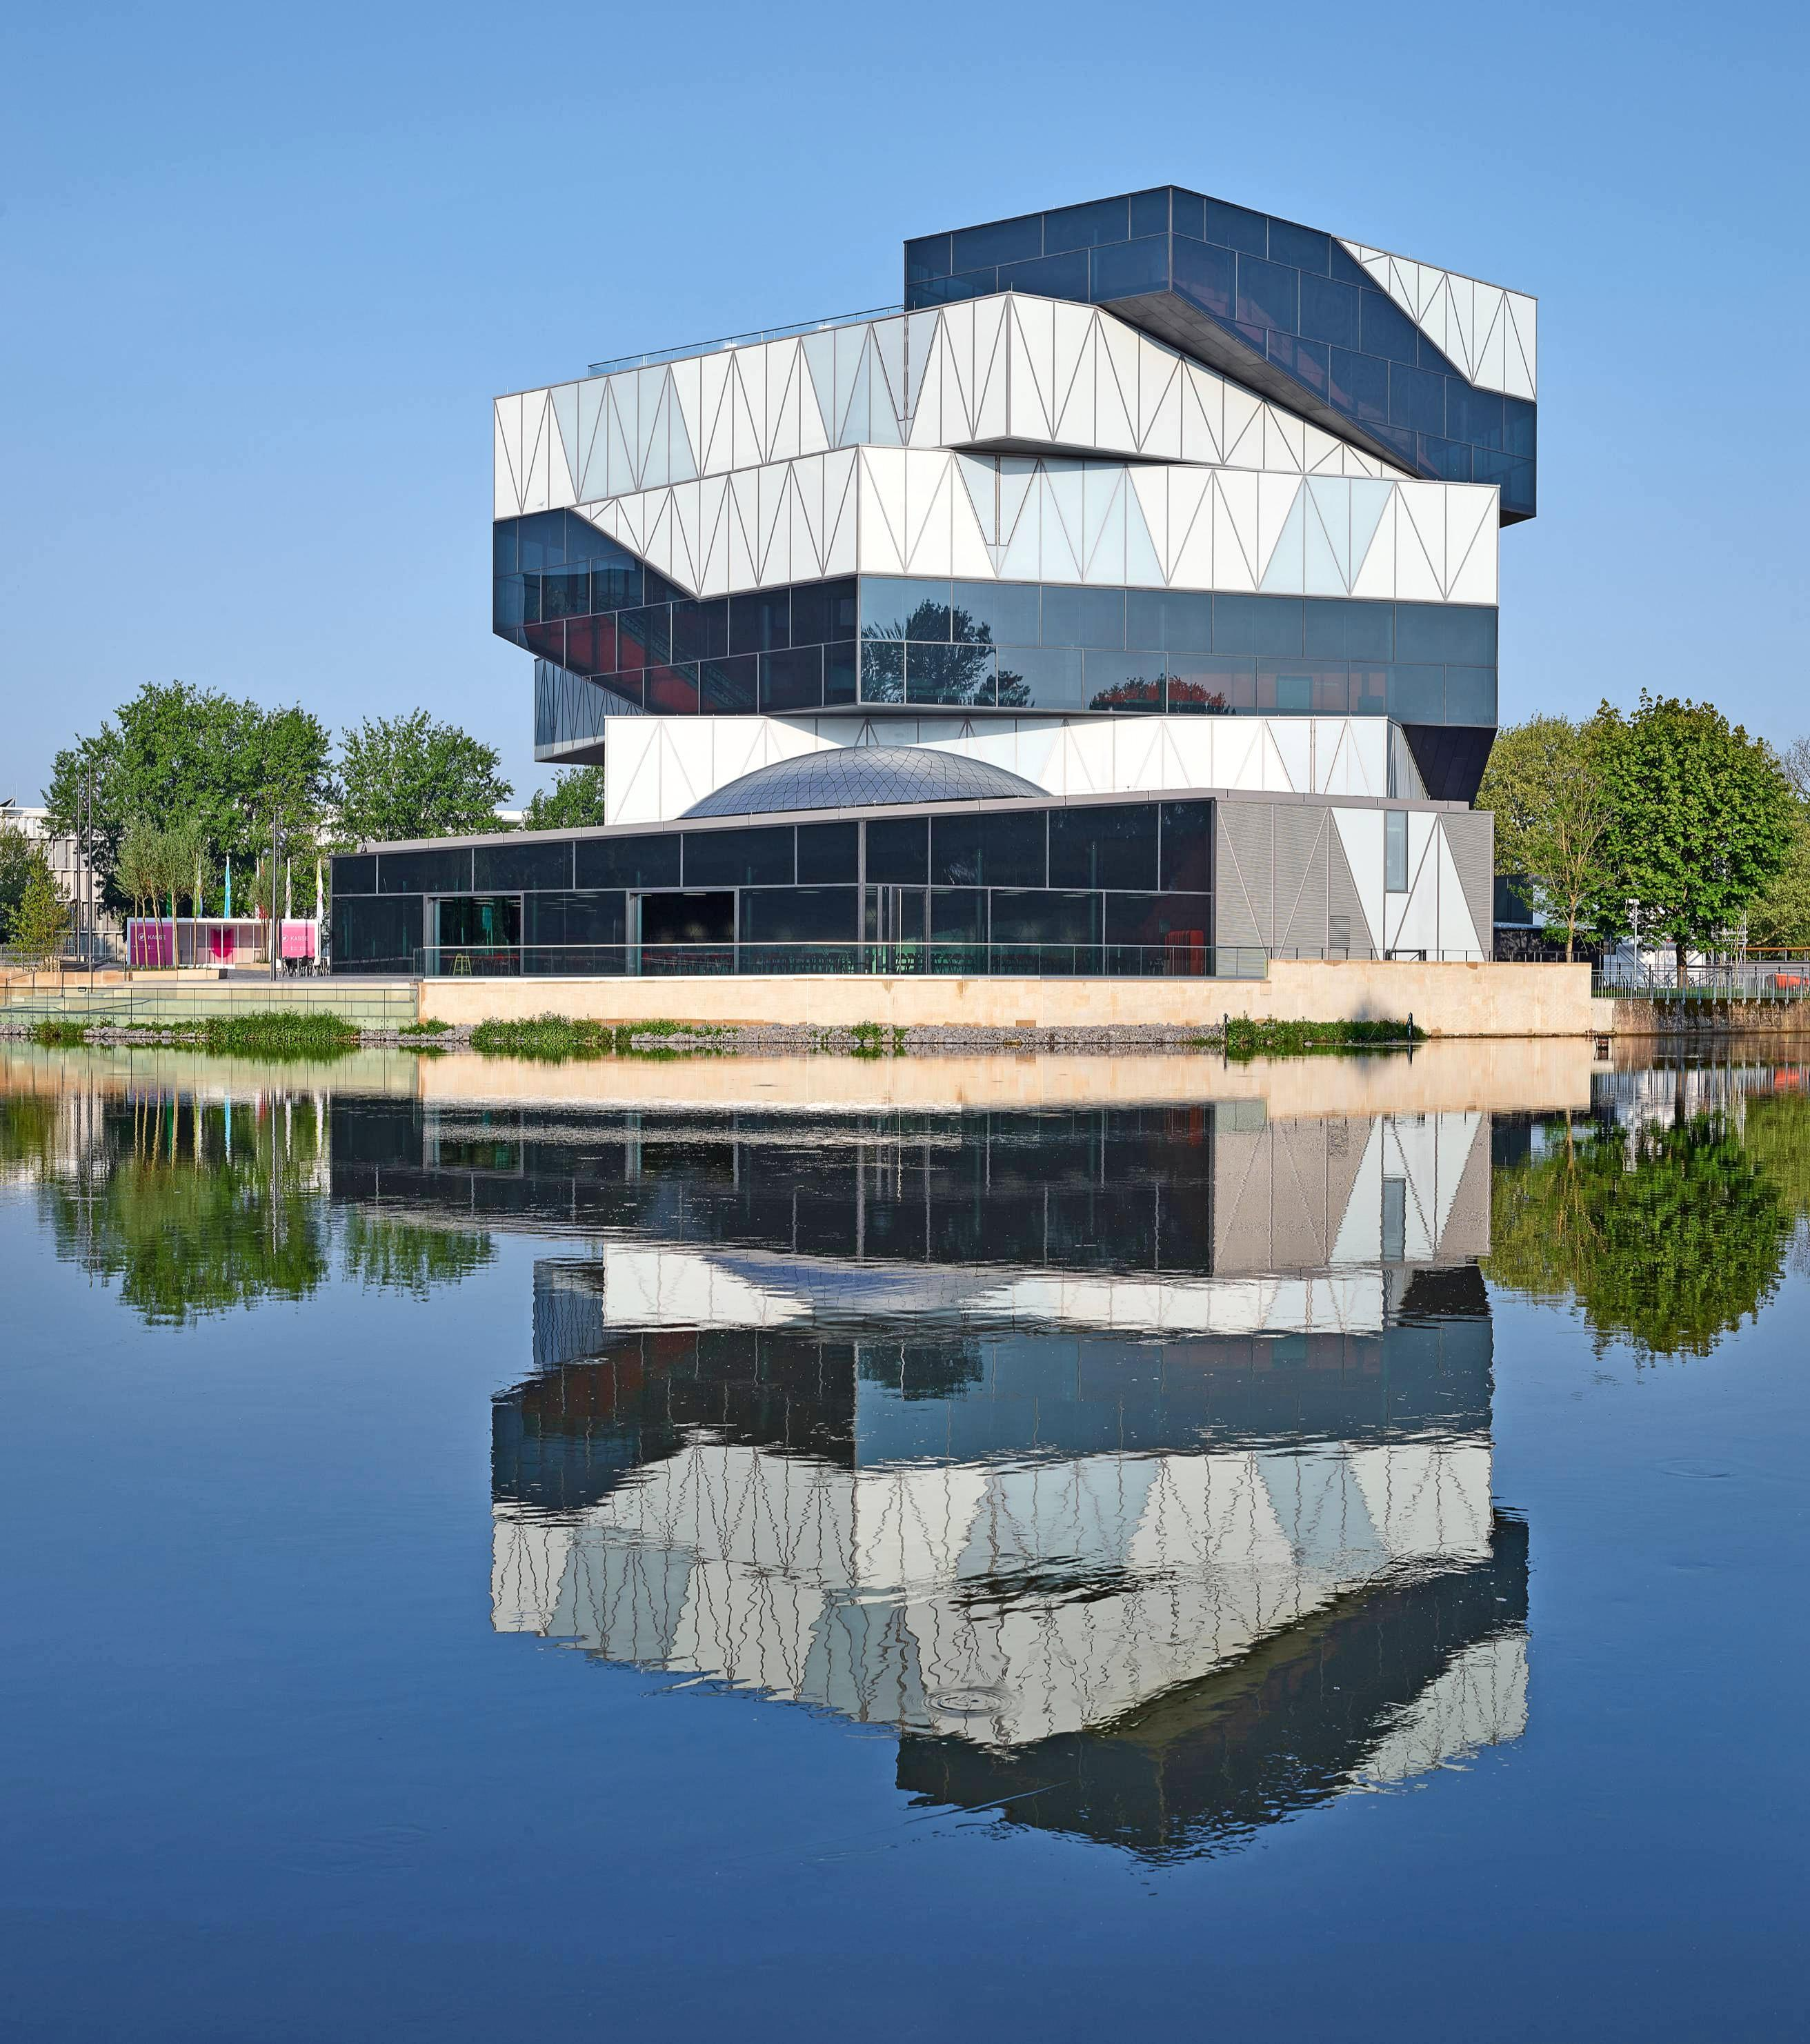 Bei 275 interaktiven Exponaten auf vier Stockwerken haben Besucher eine riesige Auswahl, wissenschaftlichen Zusammenhängen auf den Grund zu gehen.